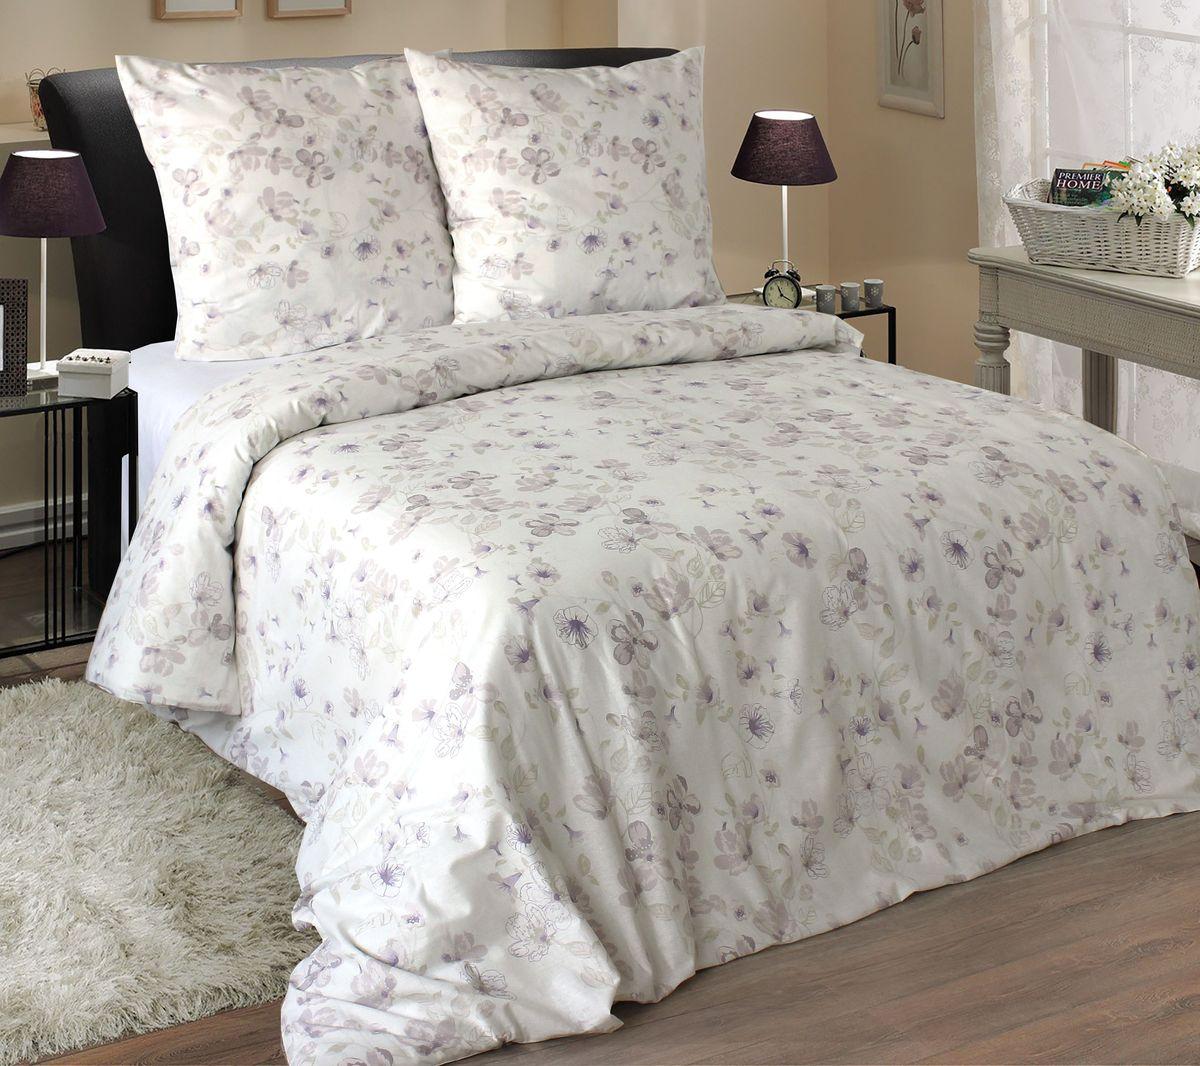 Комплект белья Коллекция Эмили 2, 1,5-спальный, наволочки 50x70. БК1,5/50/ОЗ/эми2БК1,5/50/ОЗ/эми2